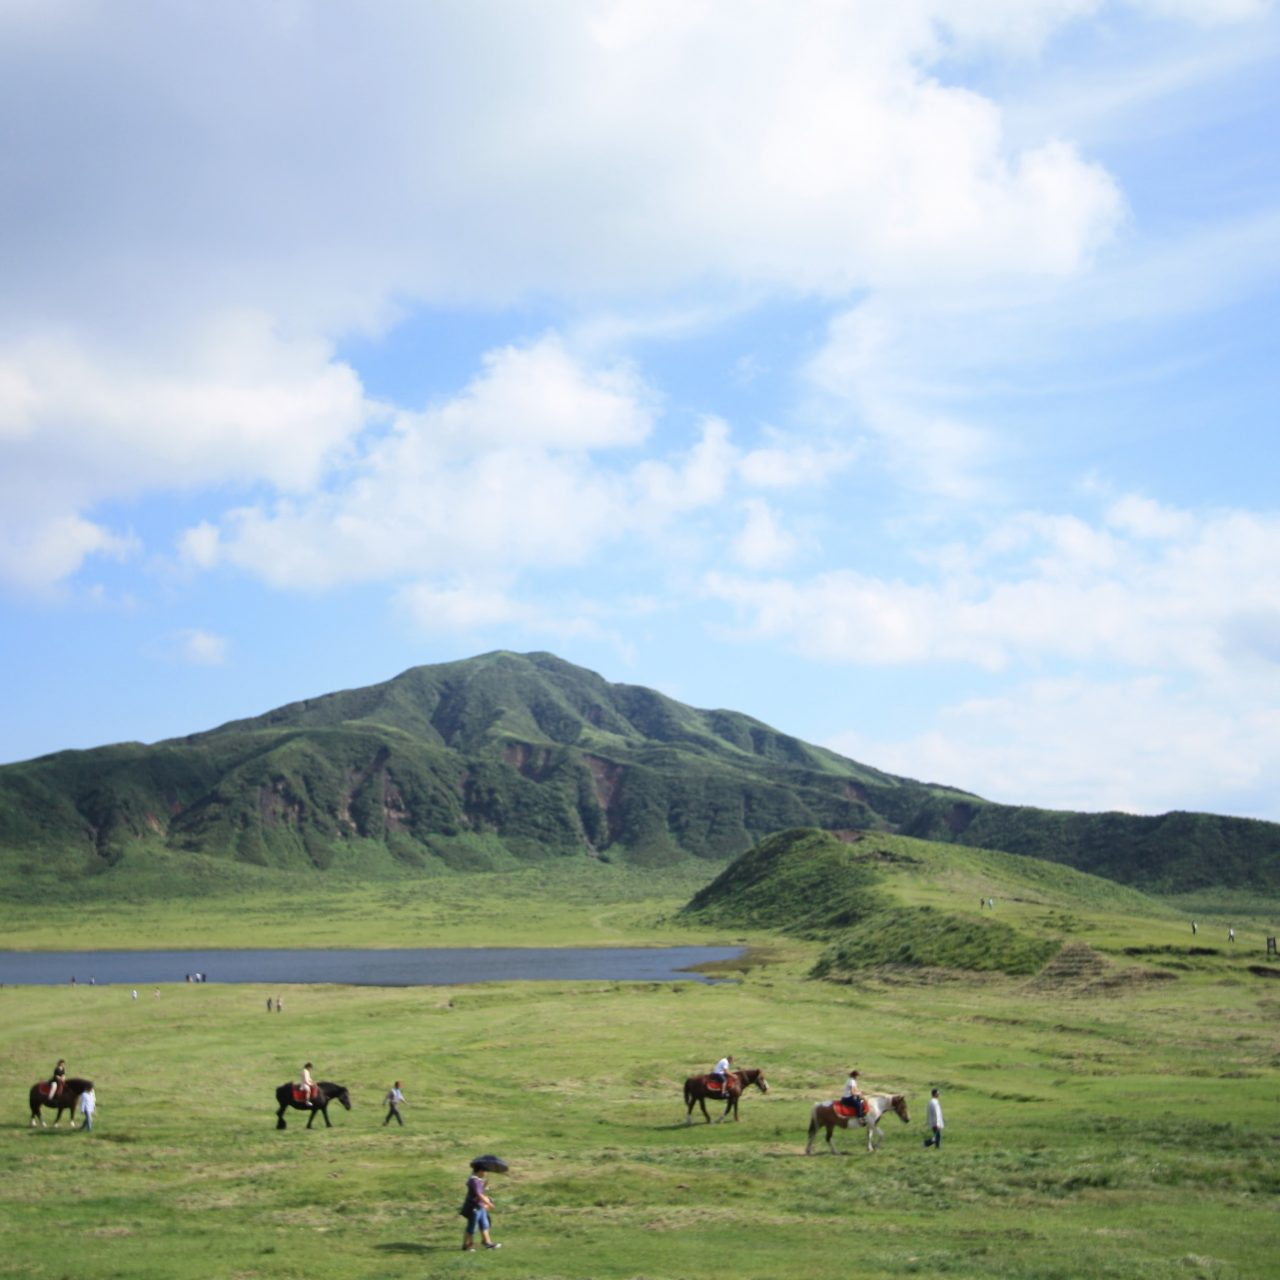 熊本阿蘇の雄大な自然を味わい尽くす旅